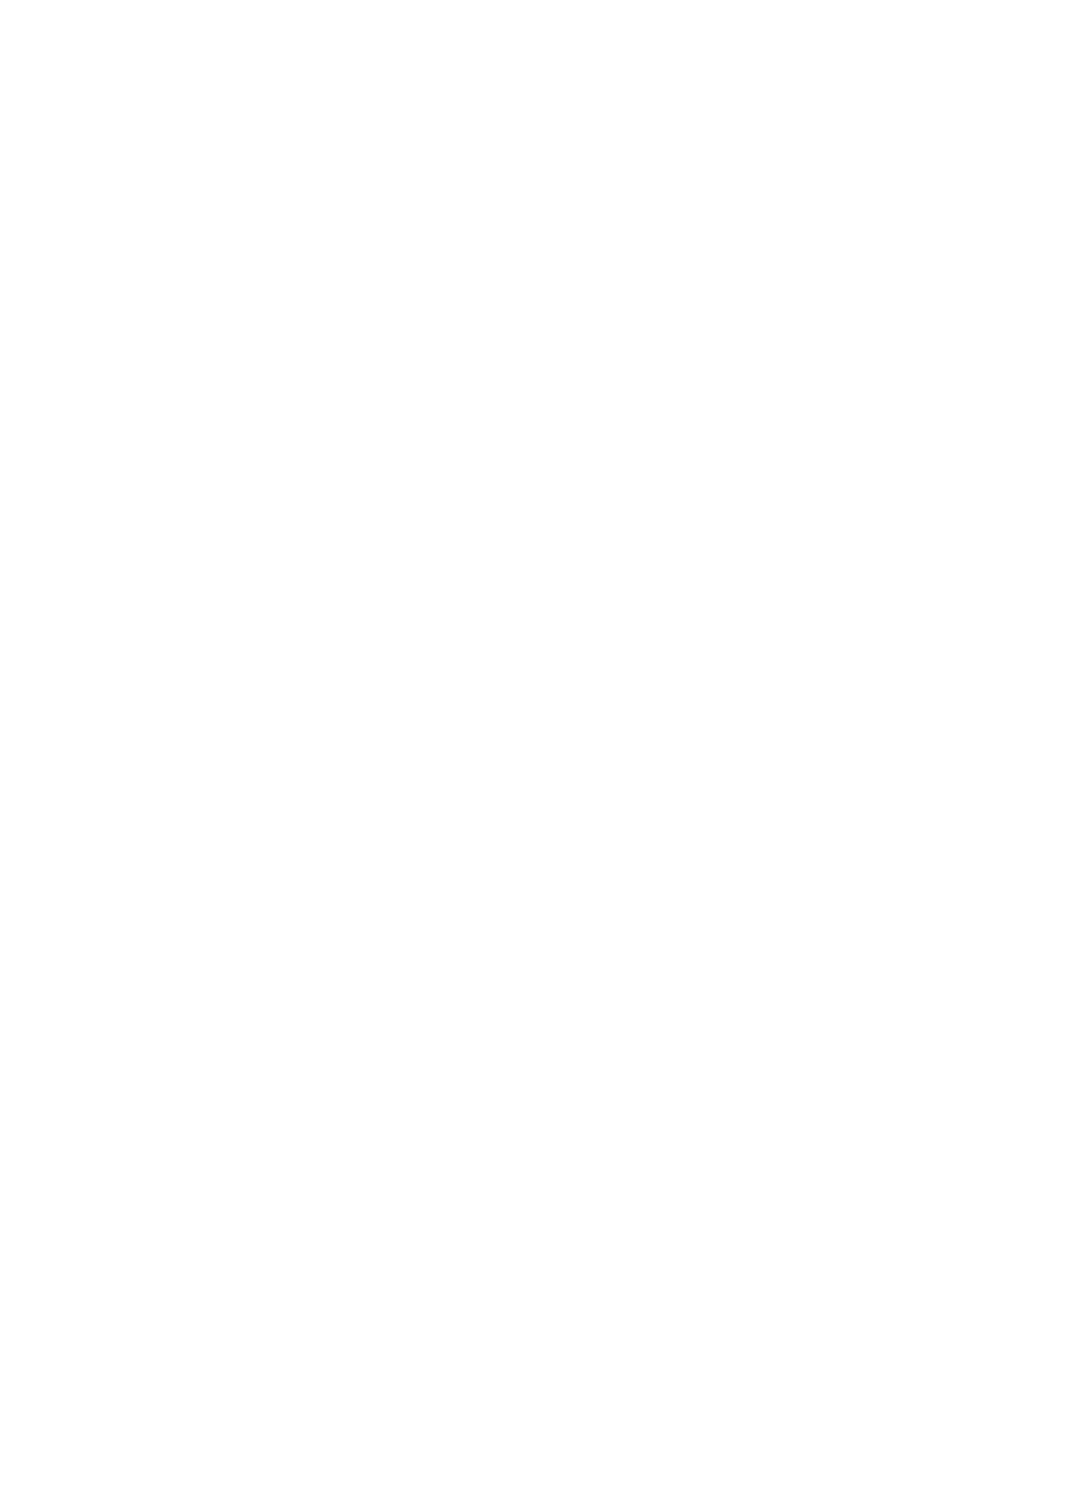 【幼馴染エロ漫画】幼馴染におナニーをしている事がバレてしまった幼馴染主人公。そんな彼に欲情した彼女と童貞卒業&処女喪失セックスする事となり、手コキやフェラされた後に騎乗位セックス。【Contamination】